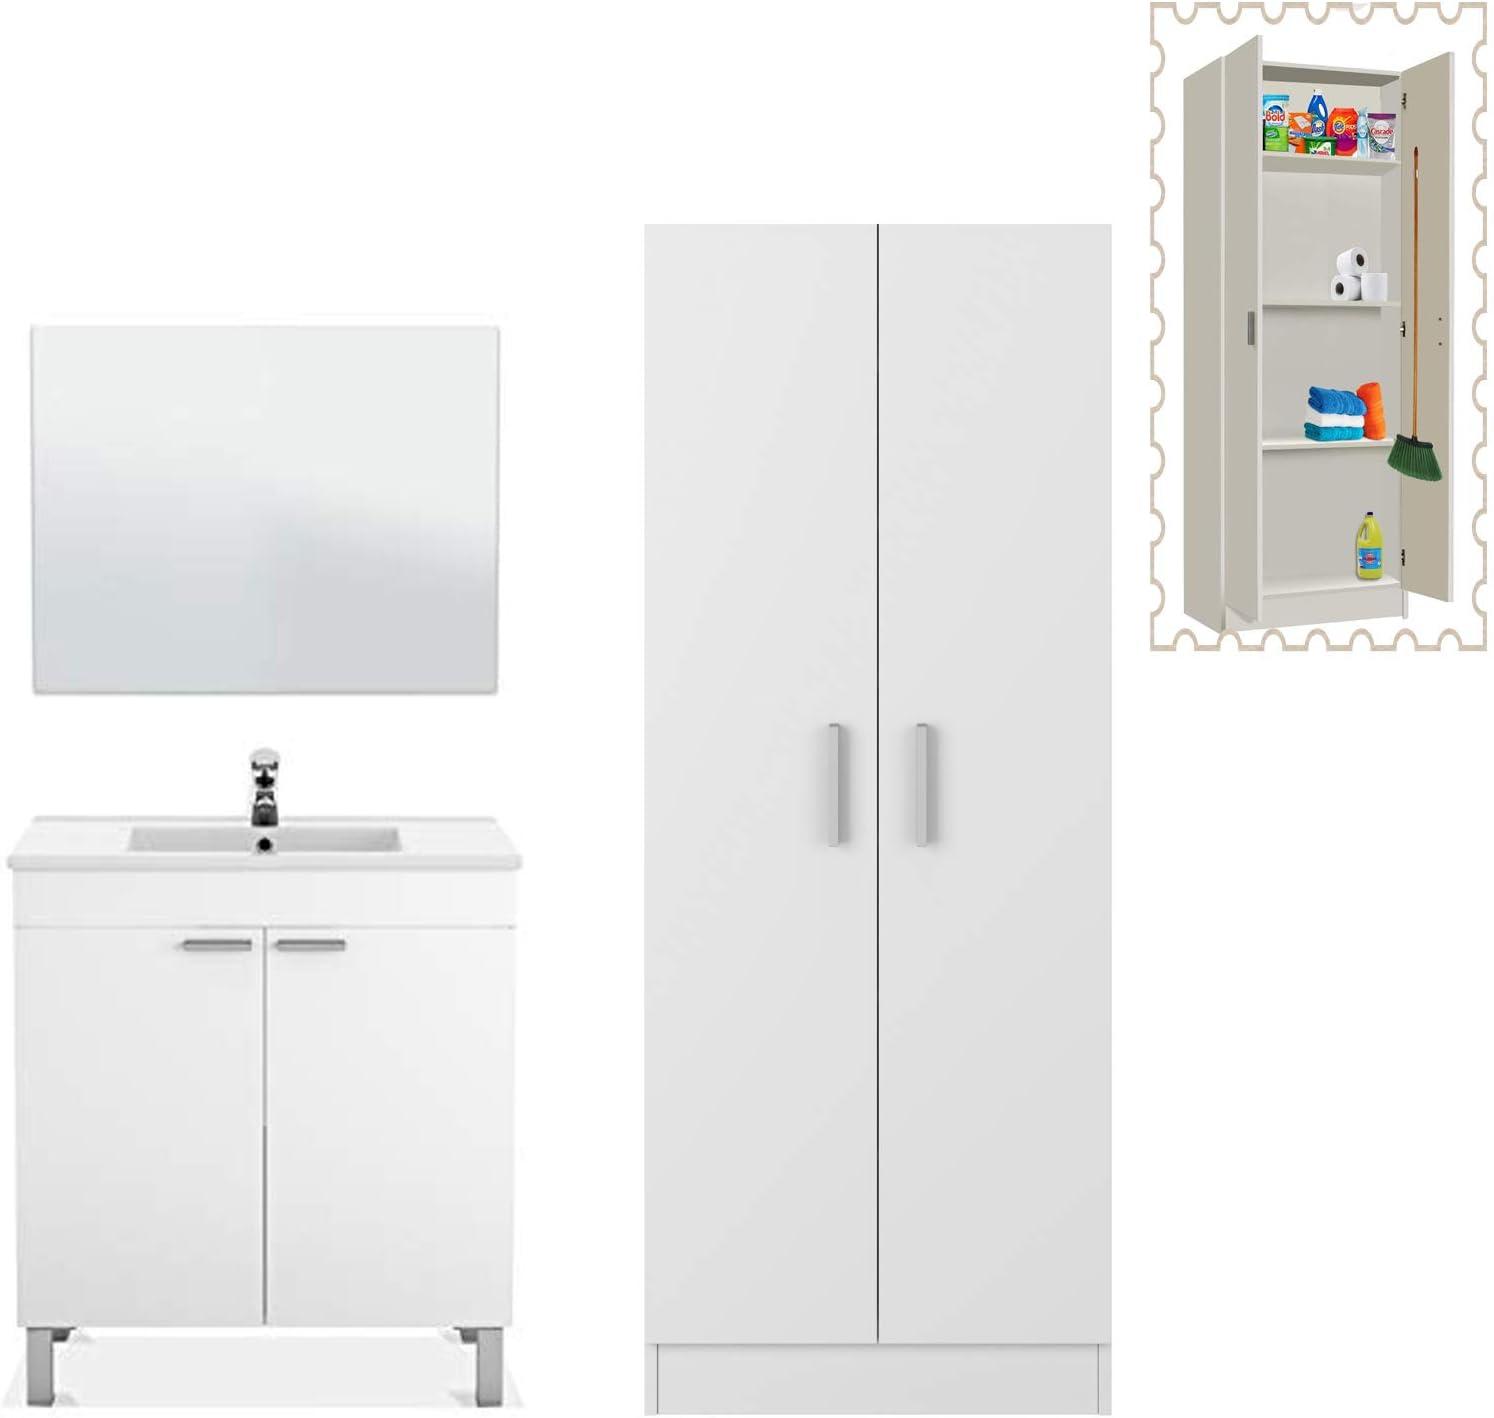 HABITMOBEL Mueble de Baño con Espejo en Blanco Brillo con Armario Alto en Blanco con estantes y escobero: Amazon.es: Hogar